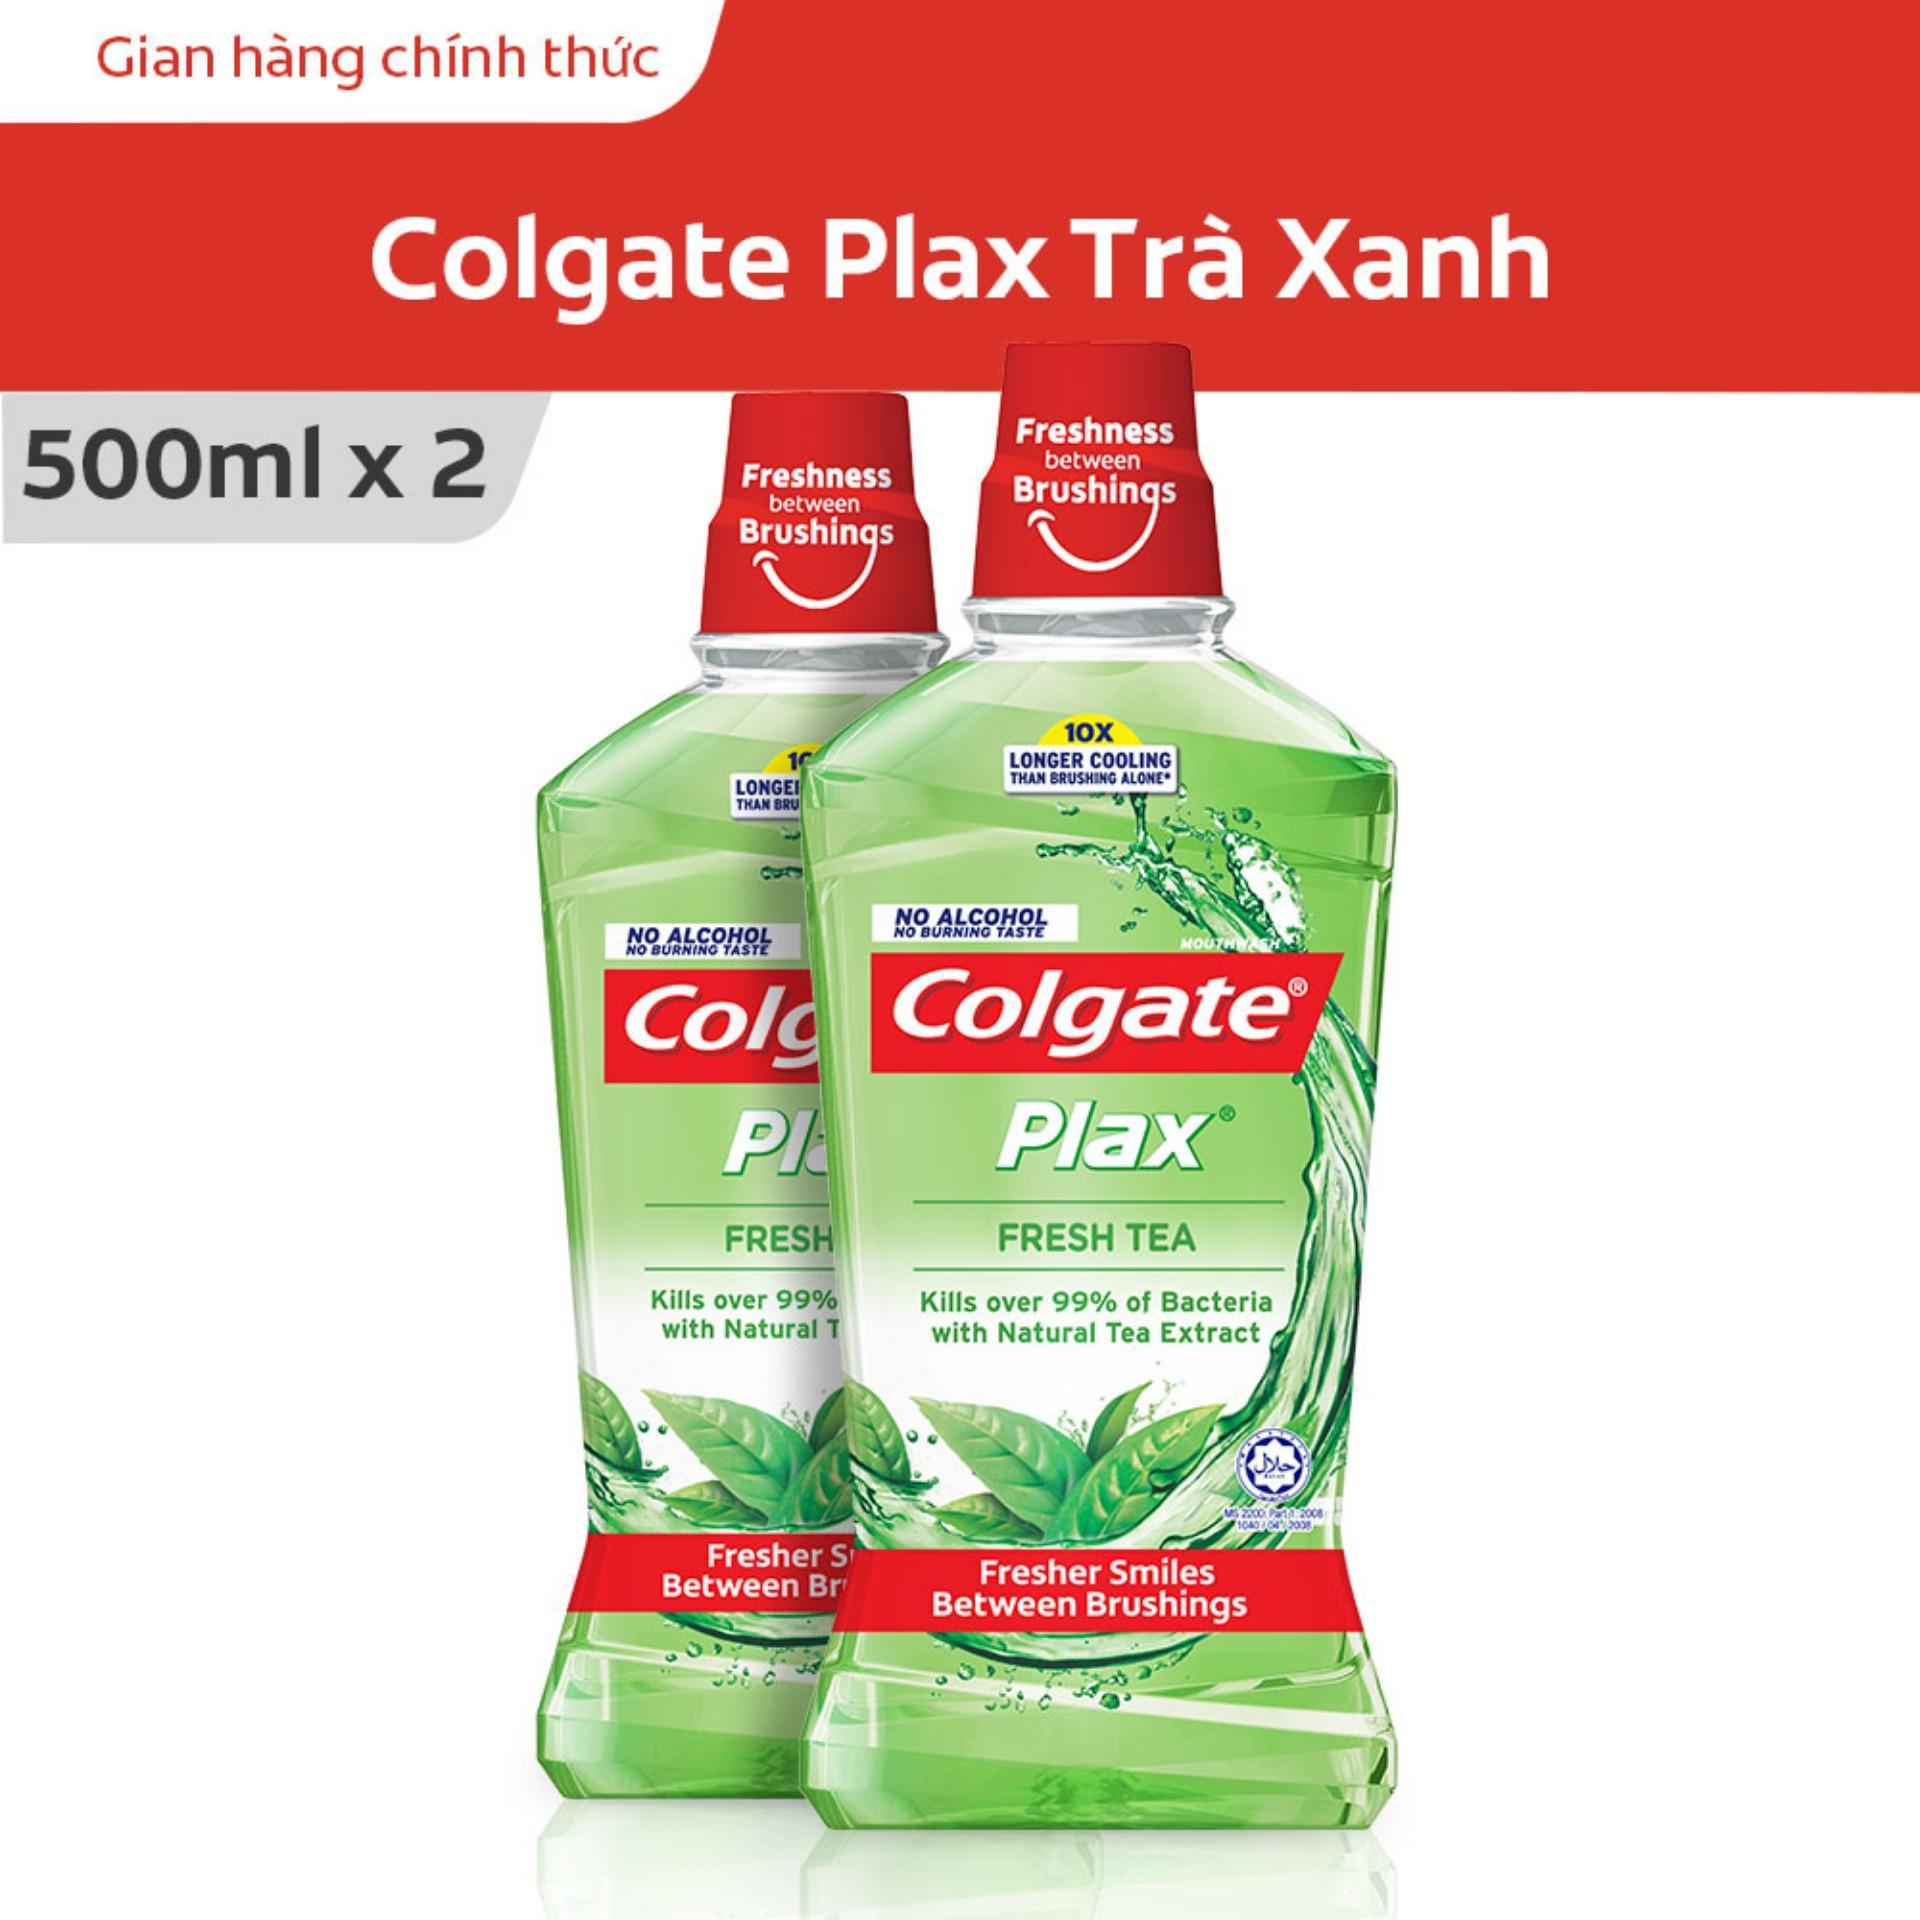 Bộ đôi Nước súc miệng Colgate Plax trà xanh 500ml